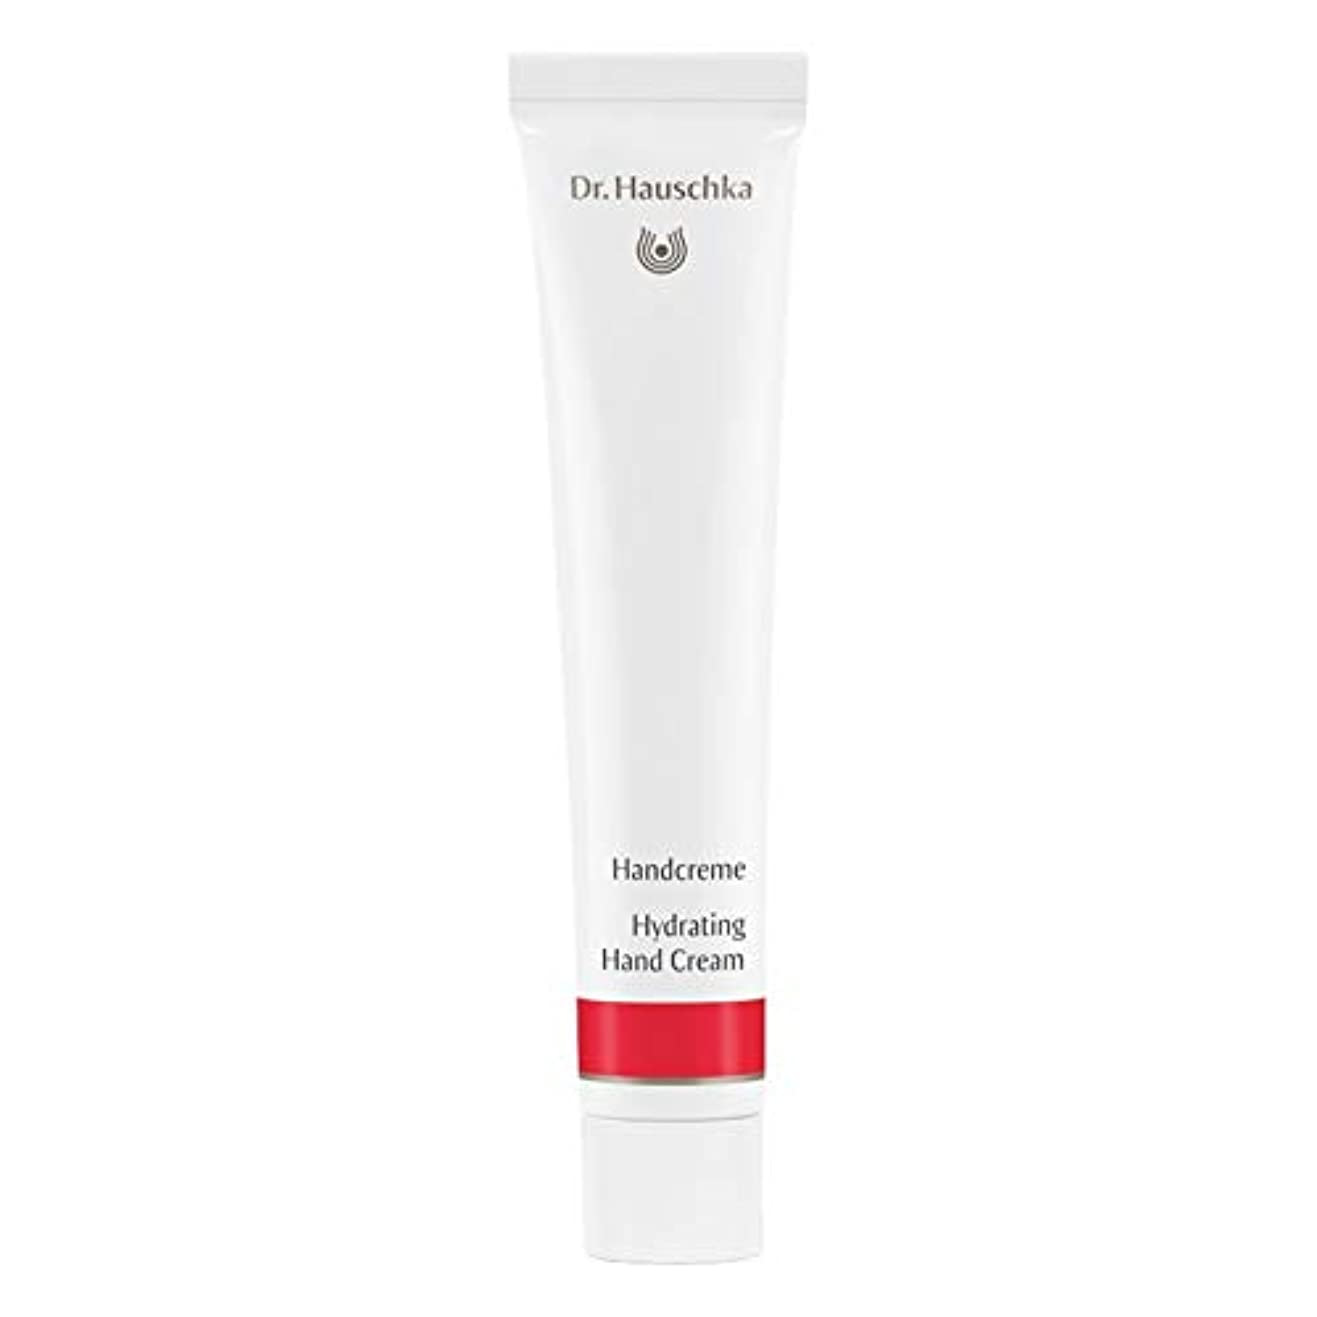 持ってるワイドアクチュエータ[Dr Hauschka] Drハウシュカハンドクリーム50Ml - Dr Hauschka Hand Cream 50ml [並行輸入品]